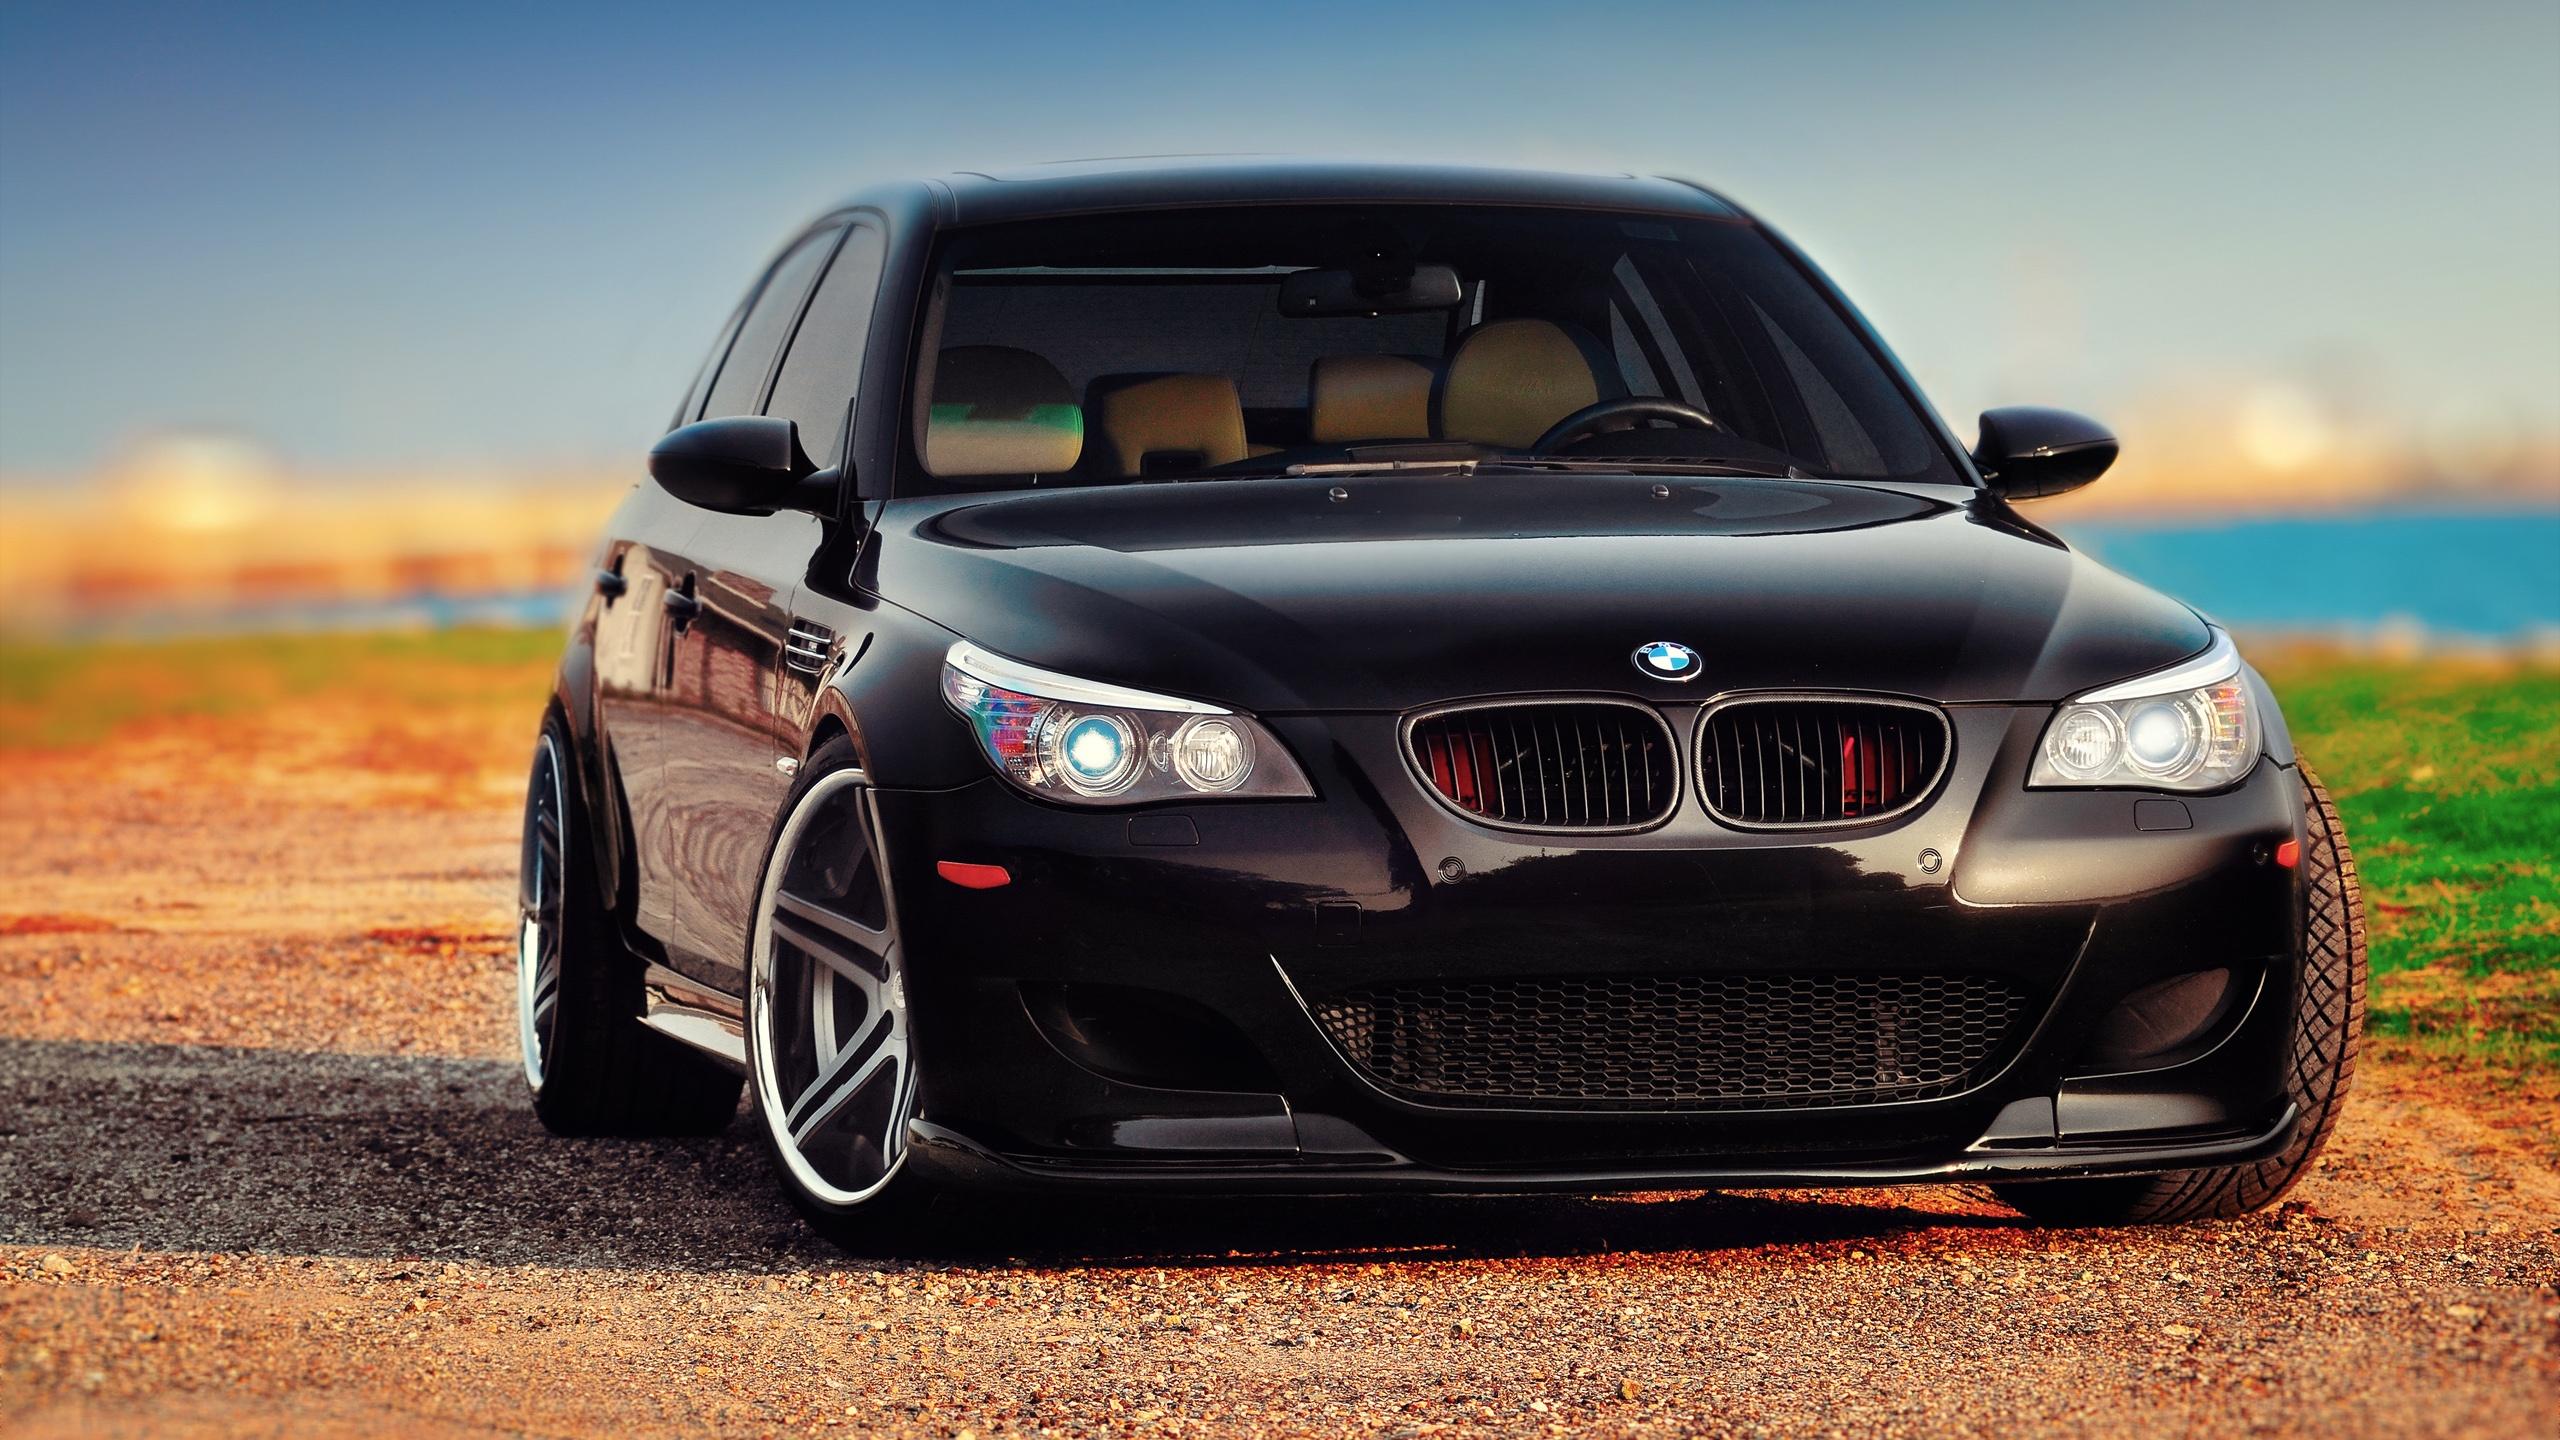 Wallpaper BMW M5 E60 black car front view 2560x1600 HD ...